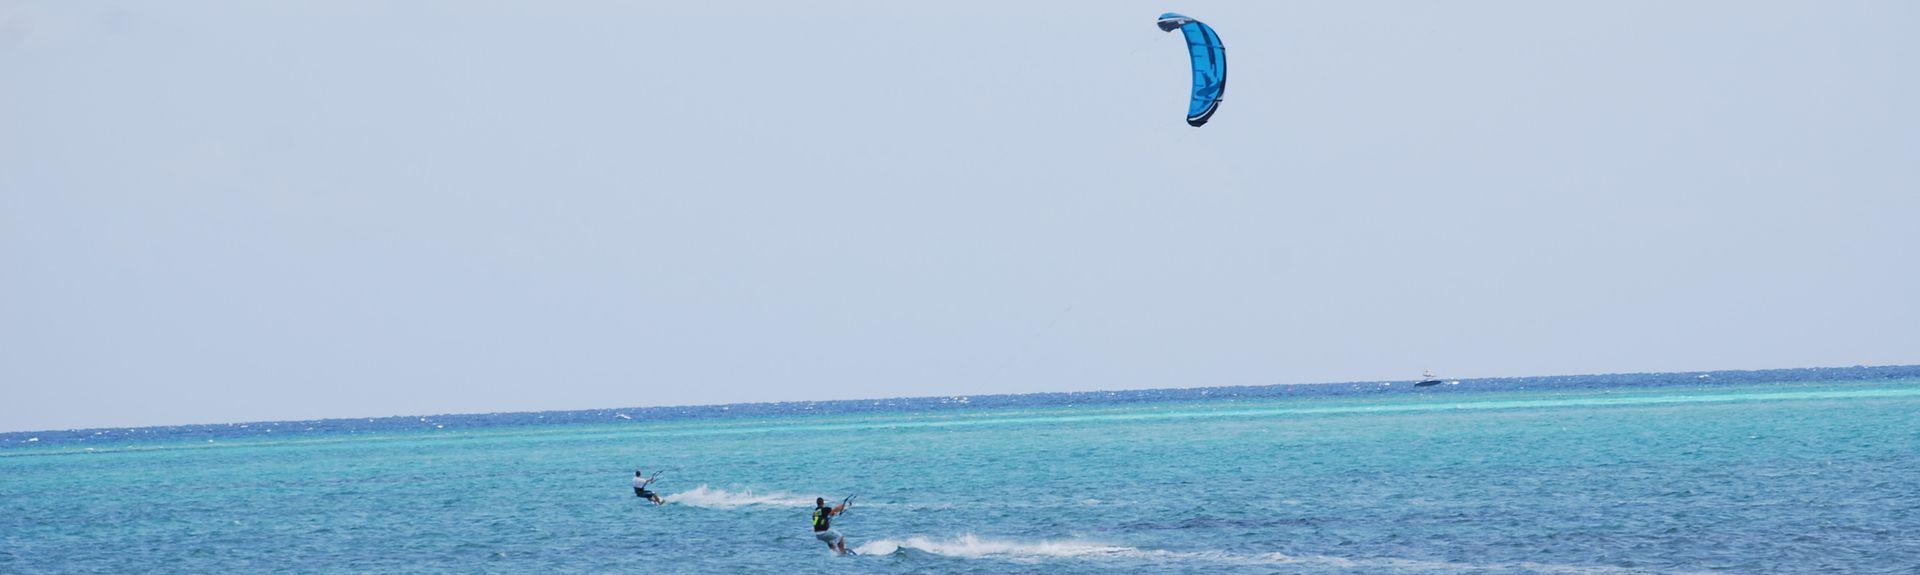 Bahamas Terrace, Freeport, The Bahamas